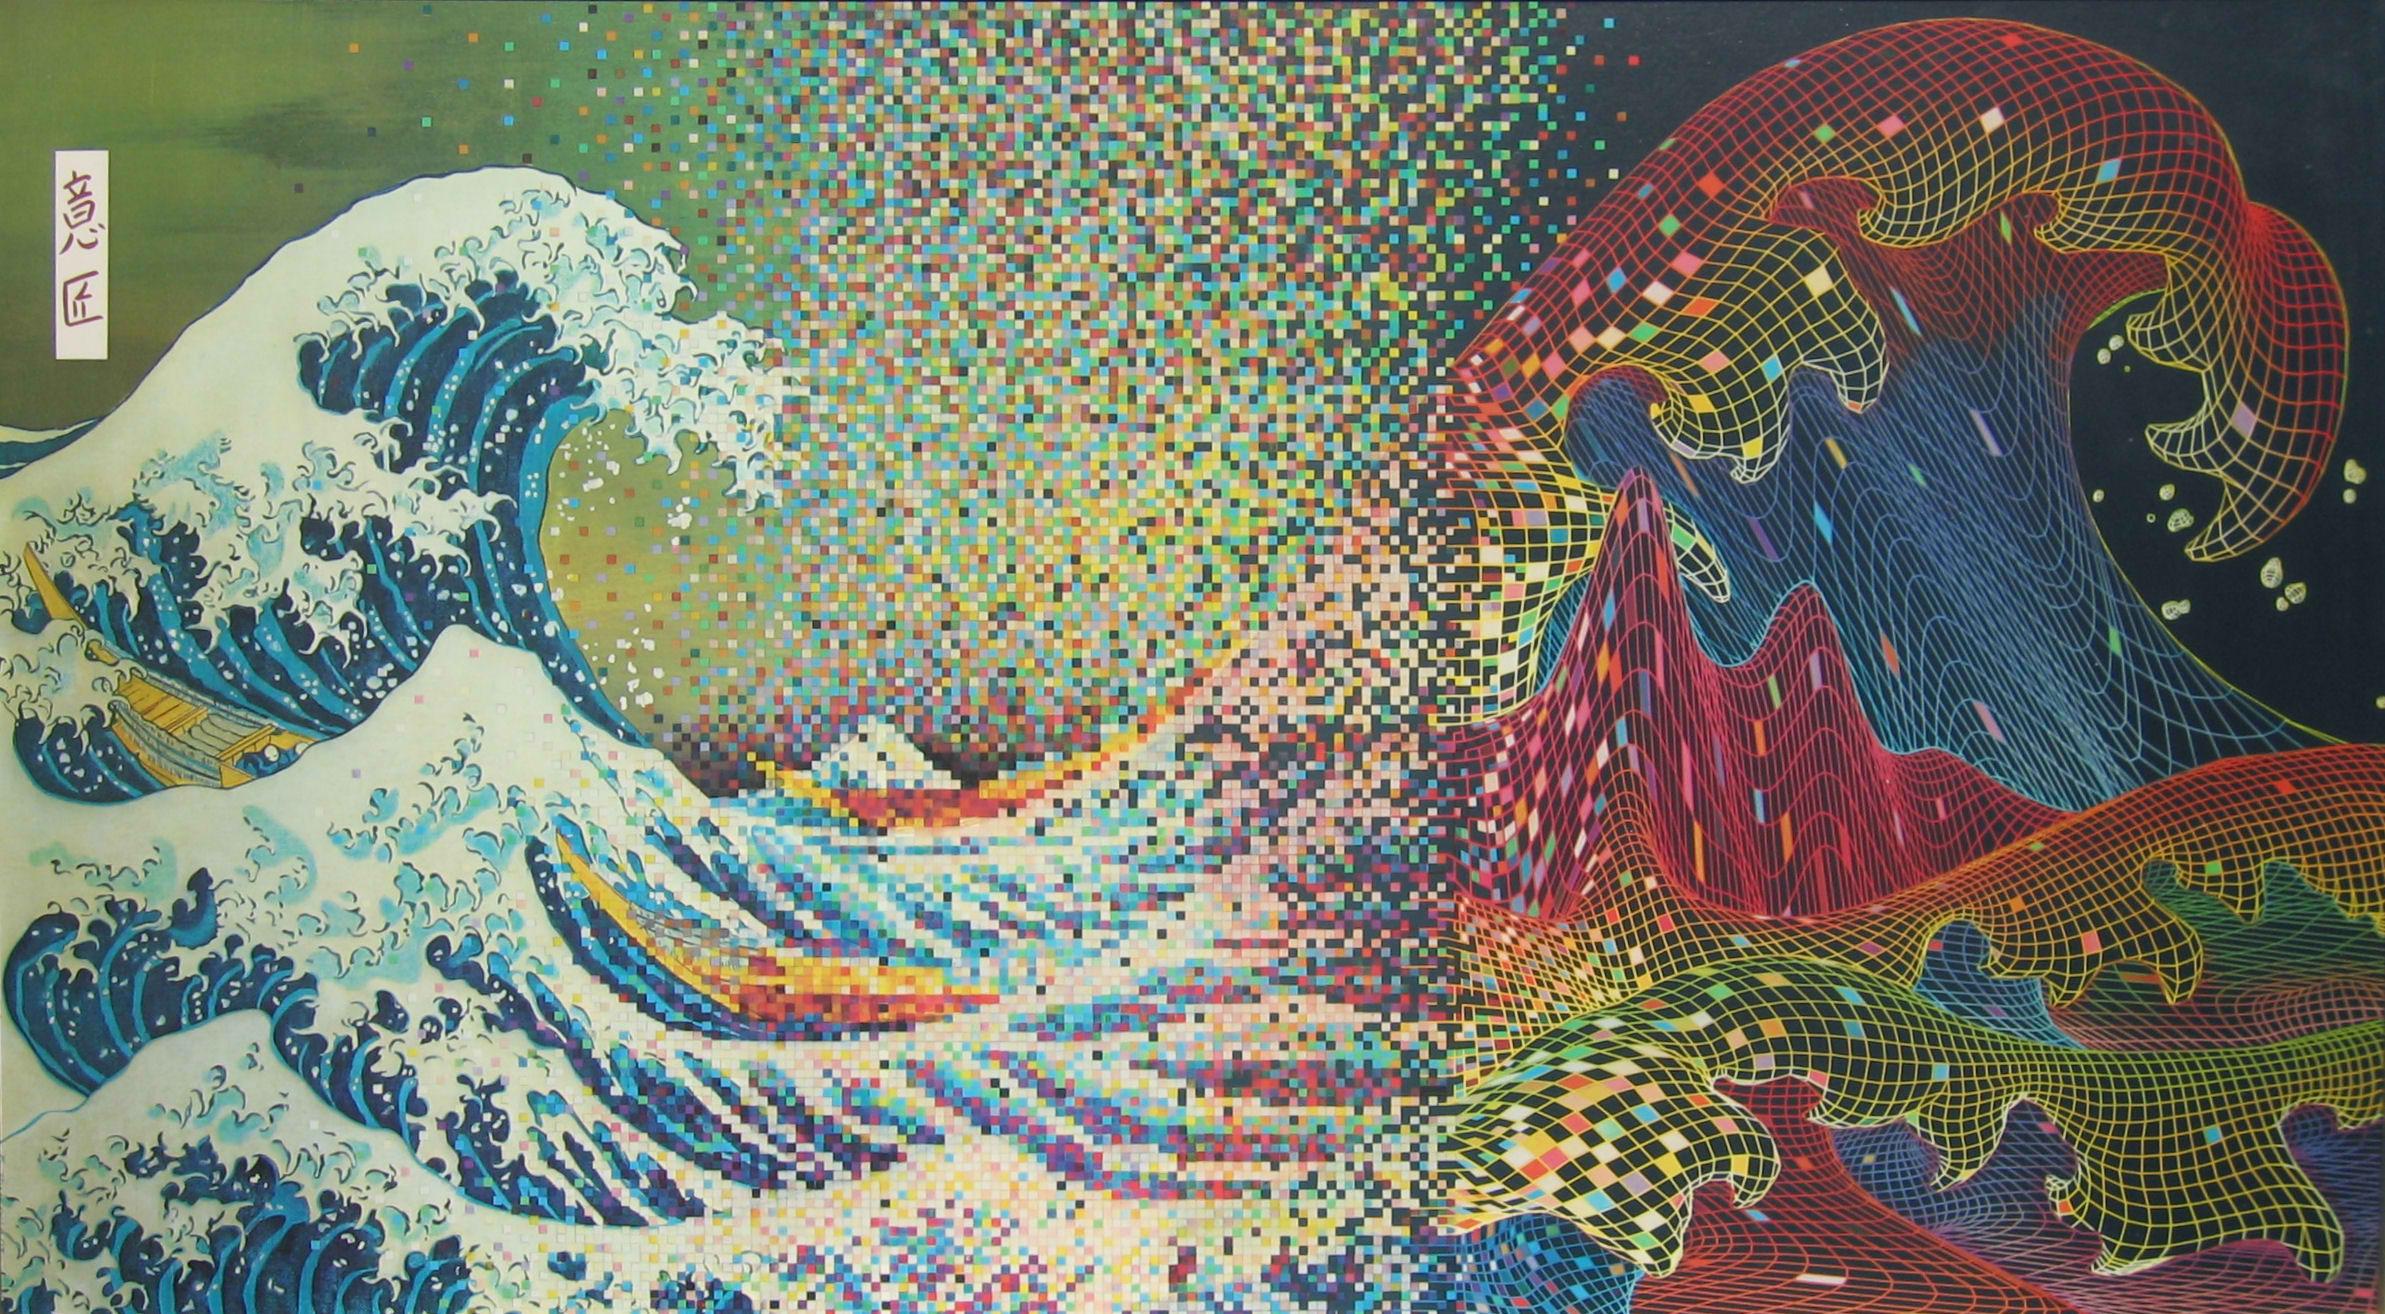 Japanese Wave Wallpaper - WallpaperSafari